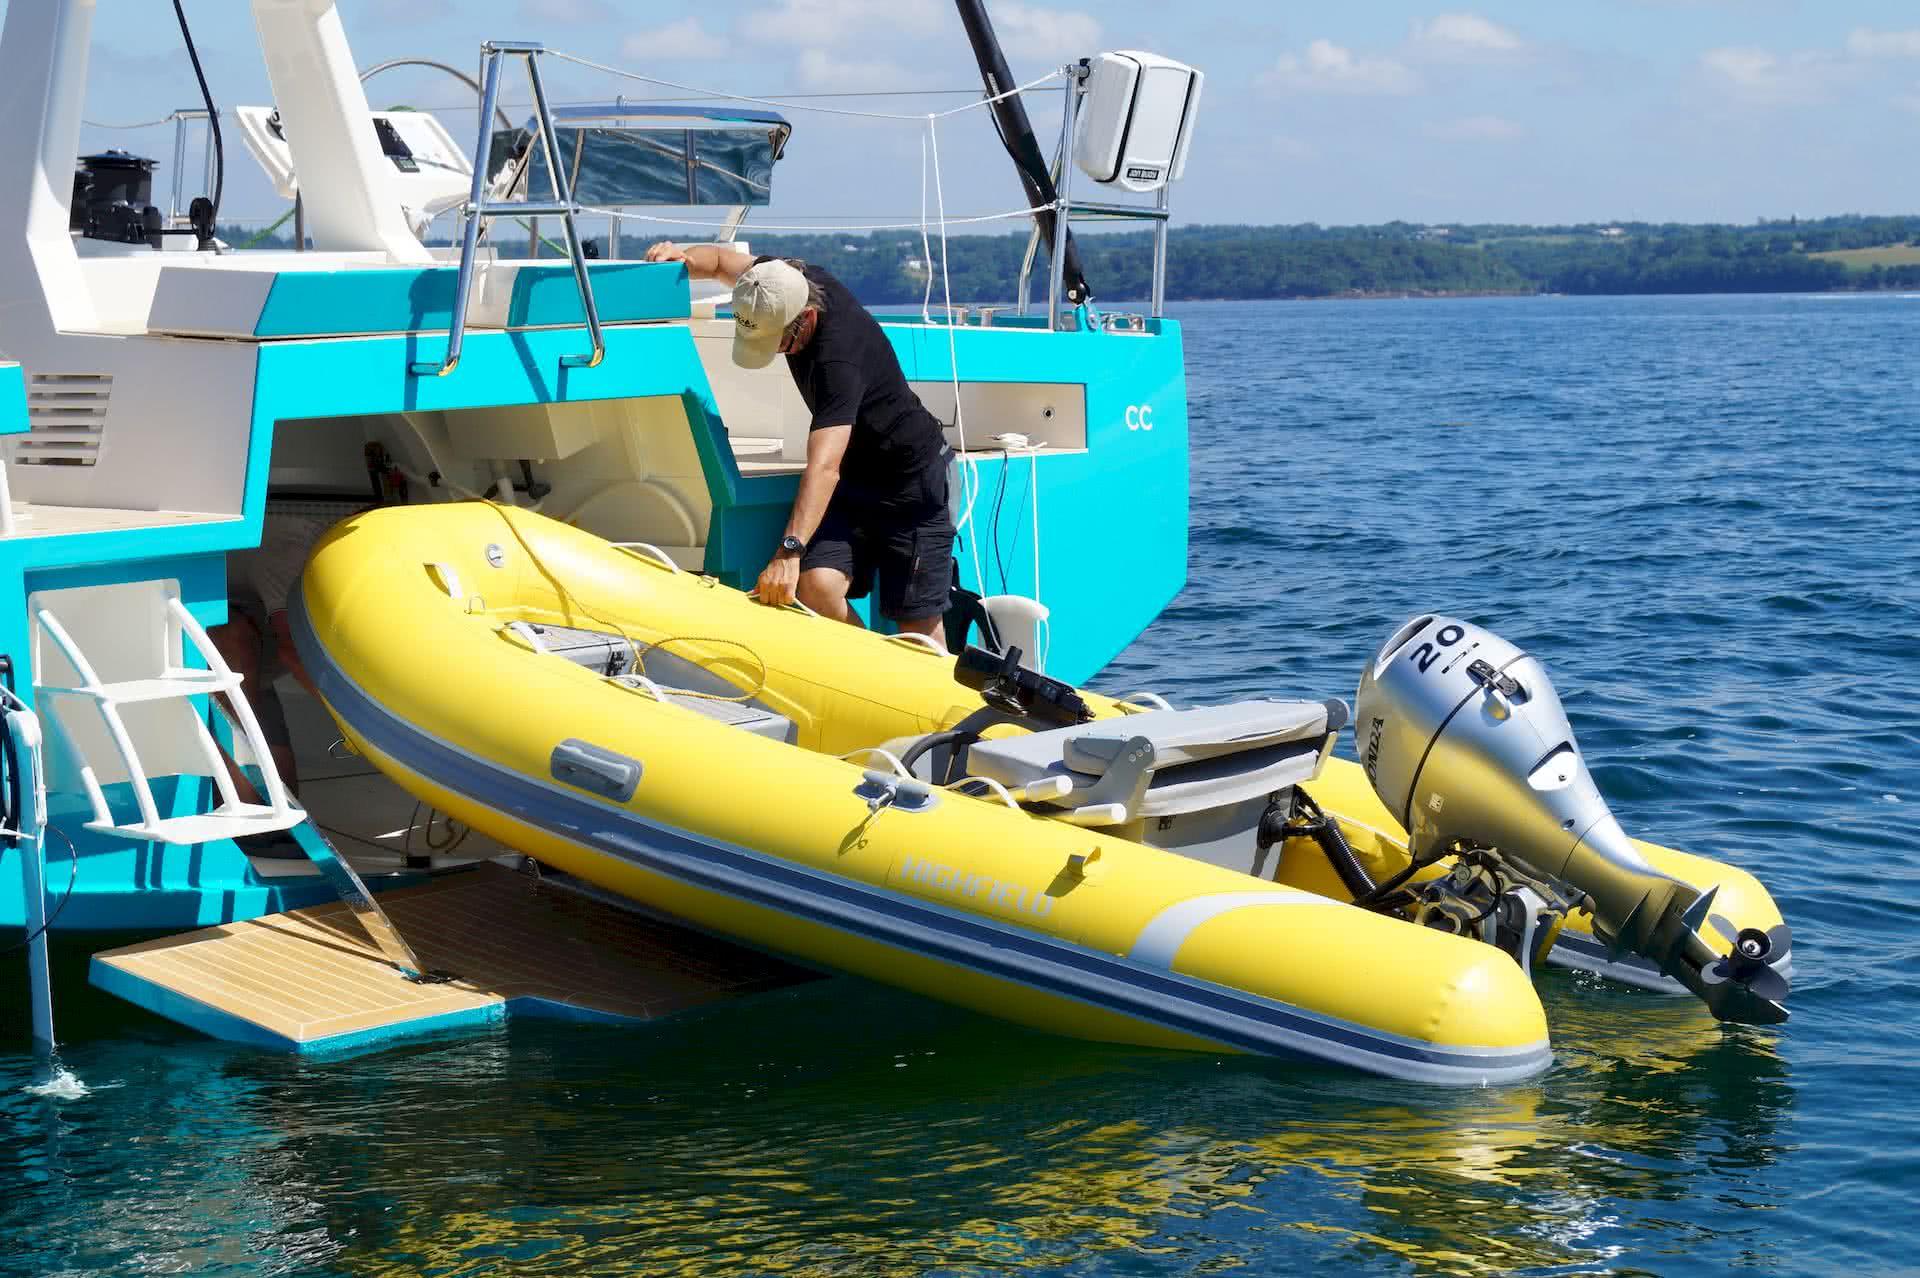 BASYC Yacht Tender Garage